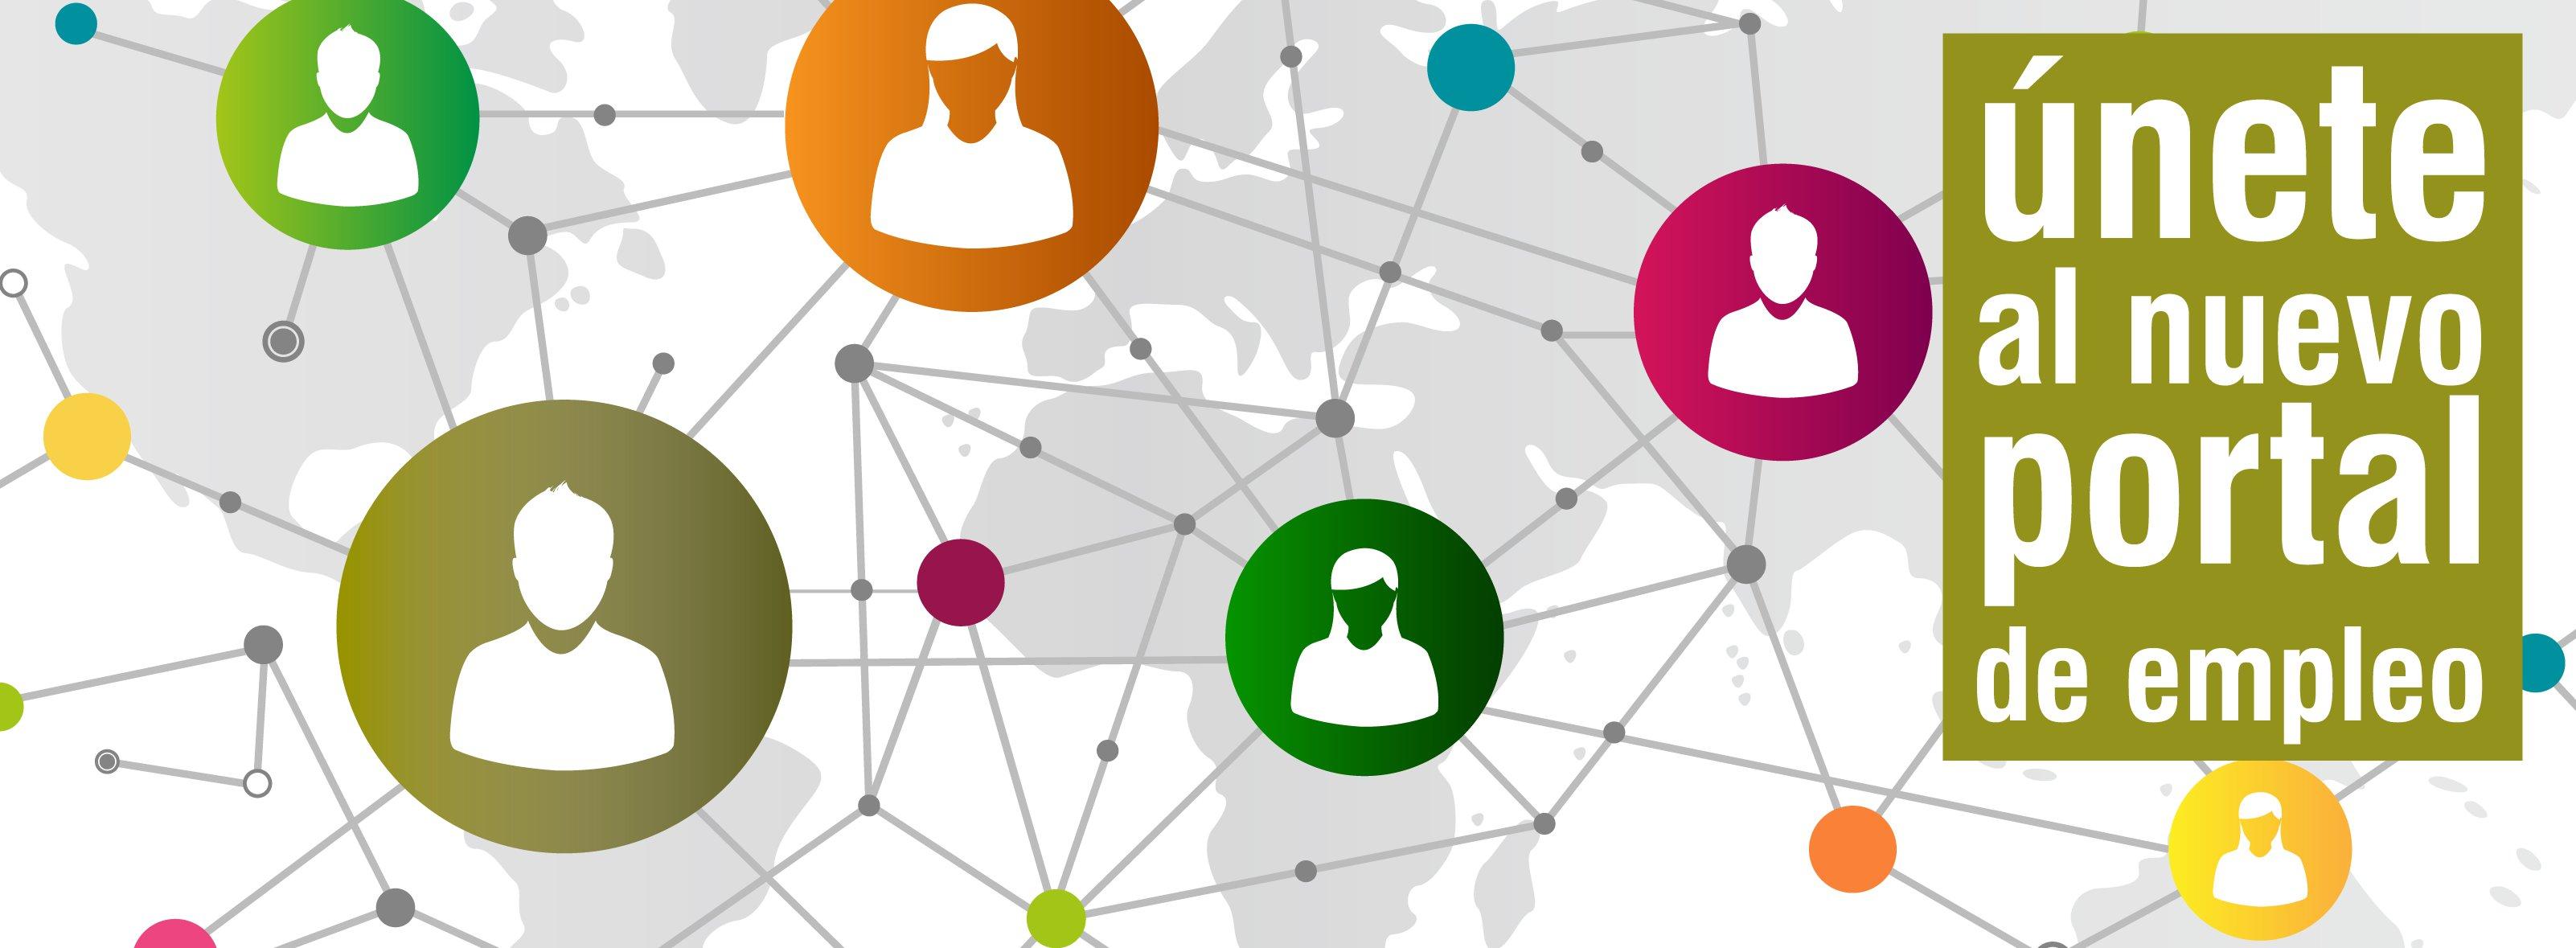 Ofertas de empleo mars digital s l for Portal empleo madrid